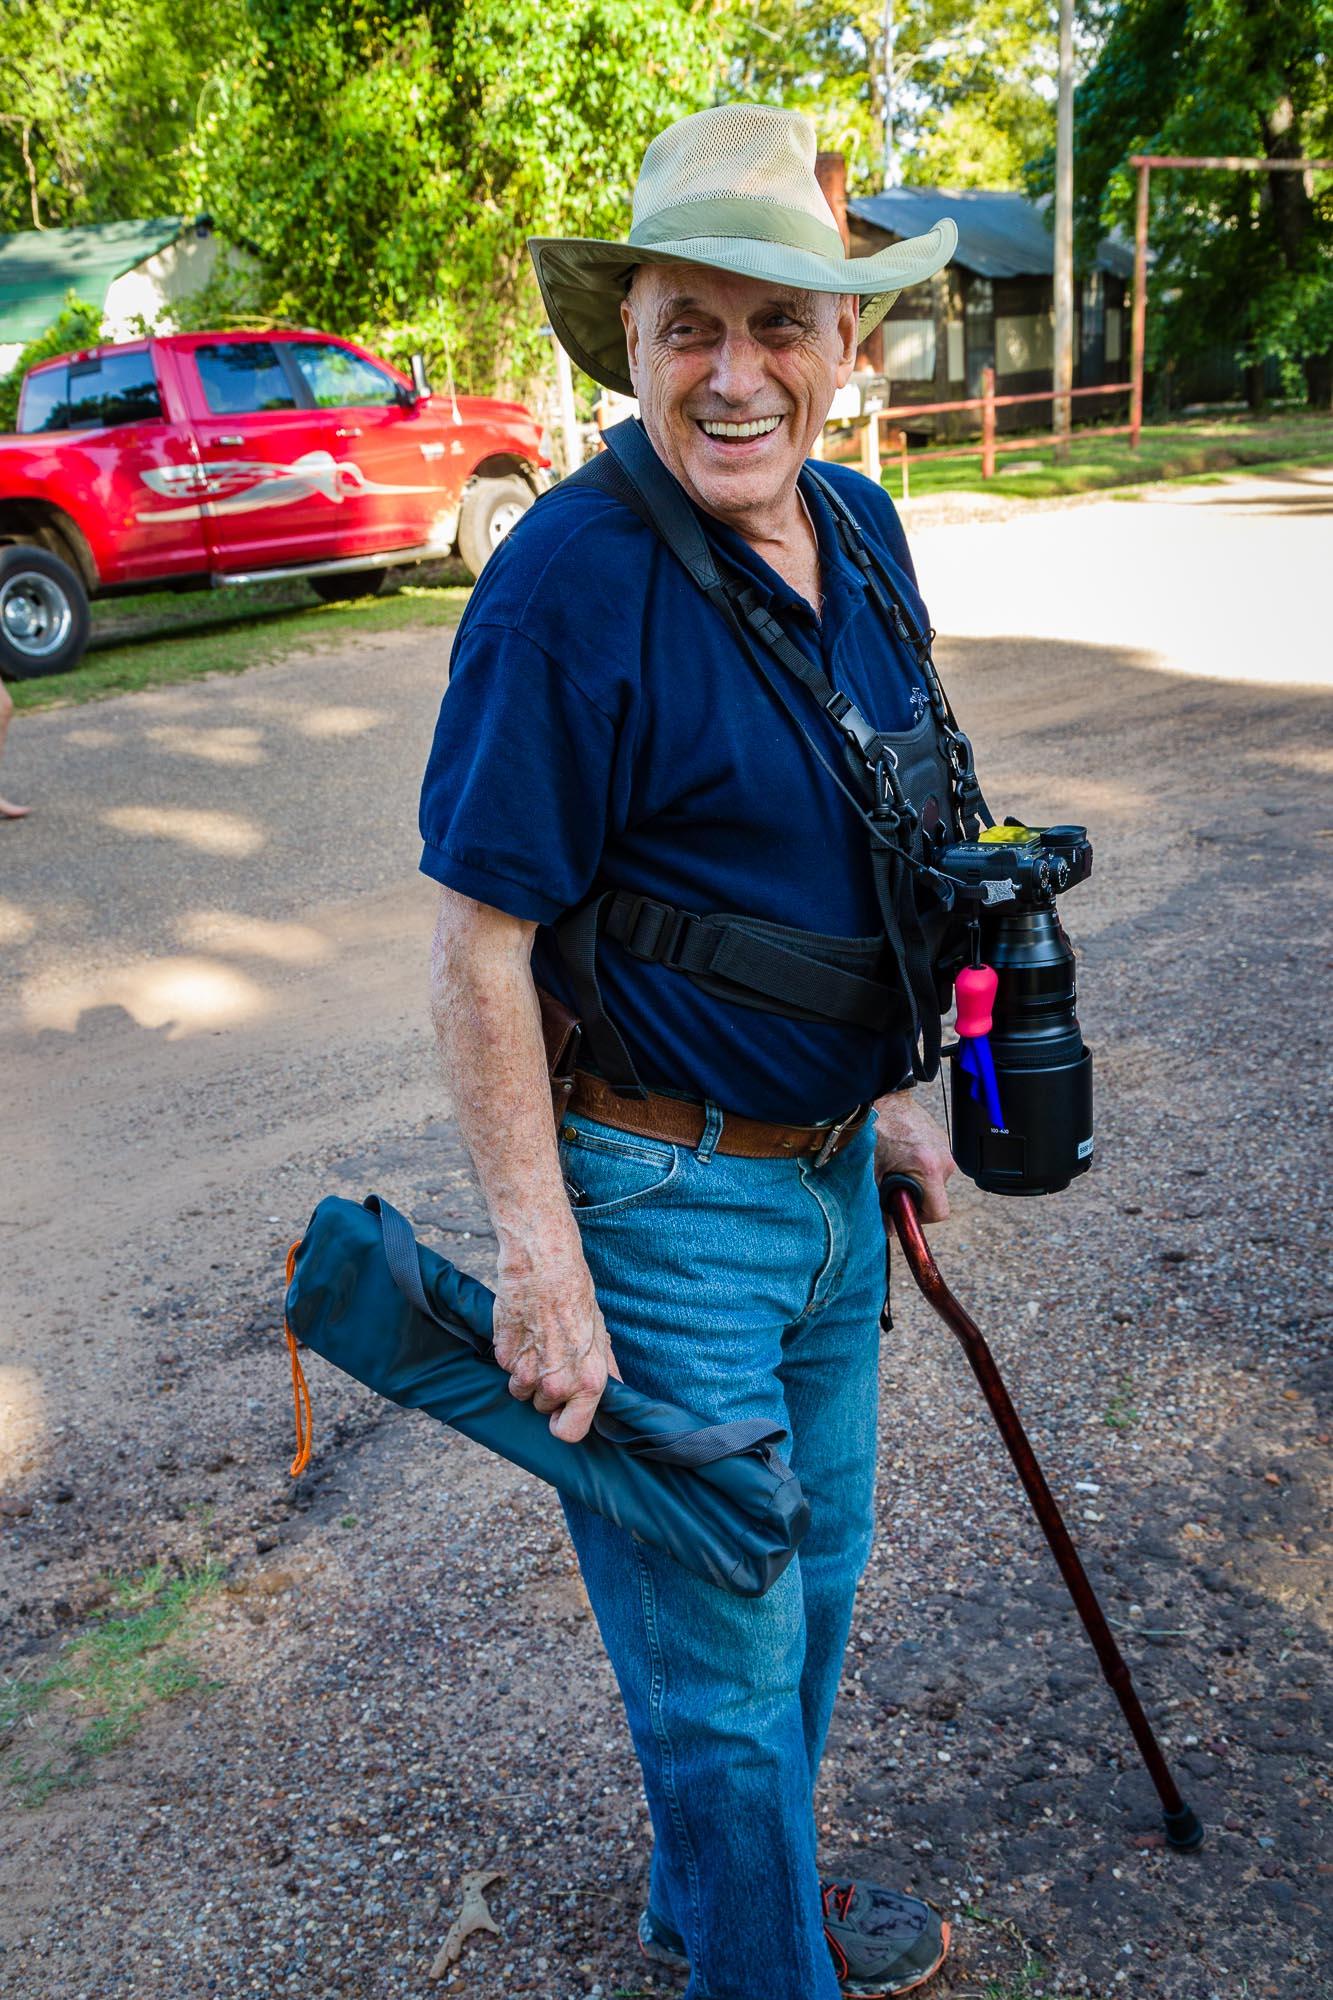 07.JDL.CaddoLakePhotographer.jpg